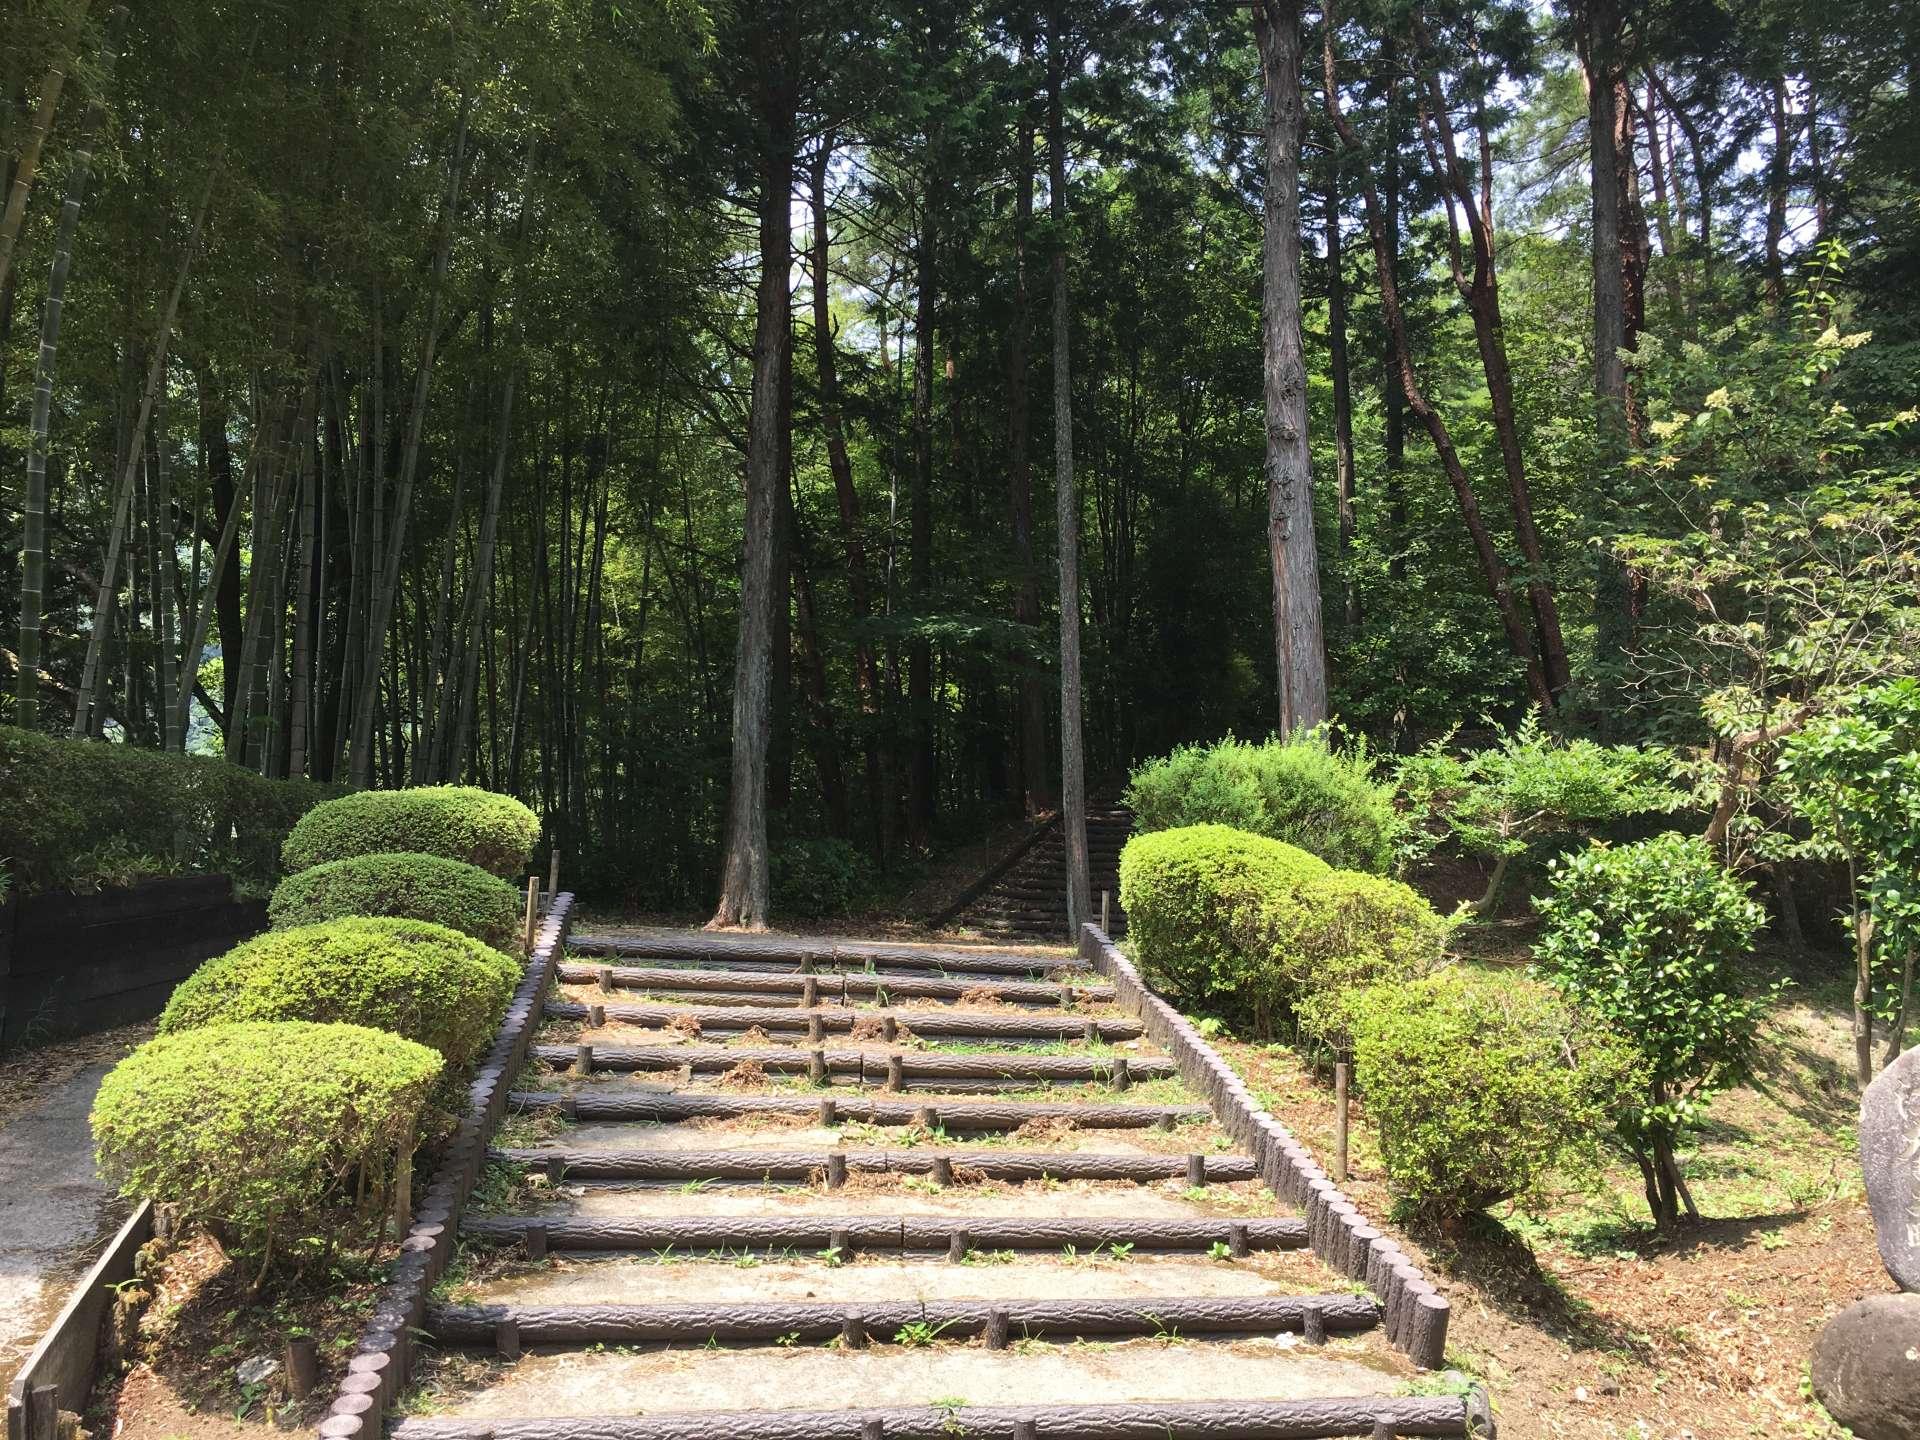 順著台階上去可找到隱身於樹林中的小神社